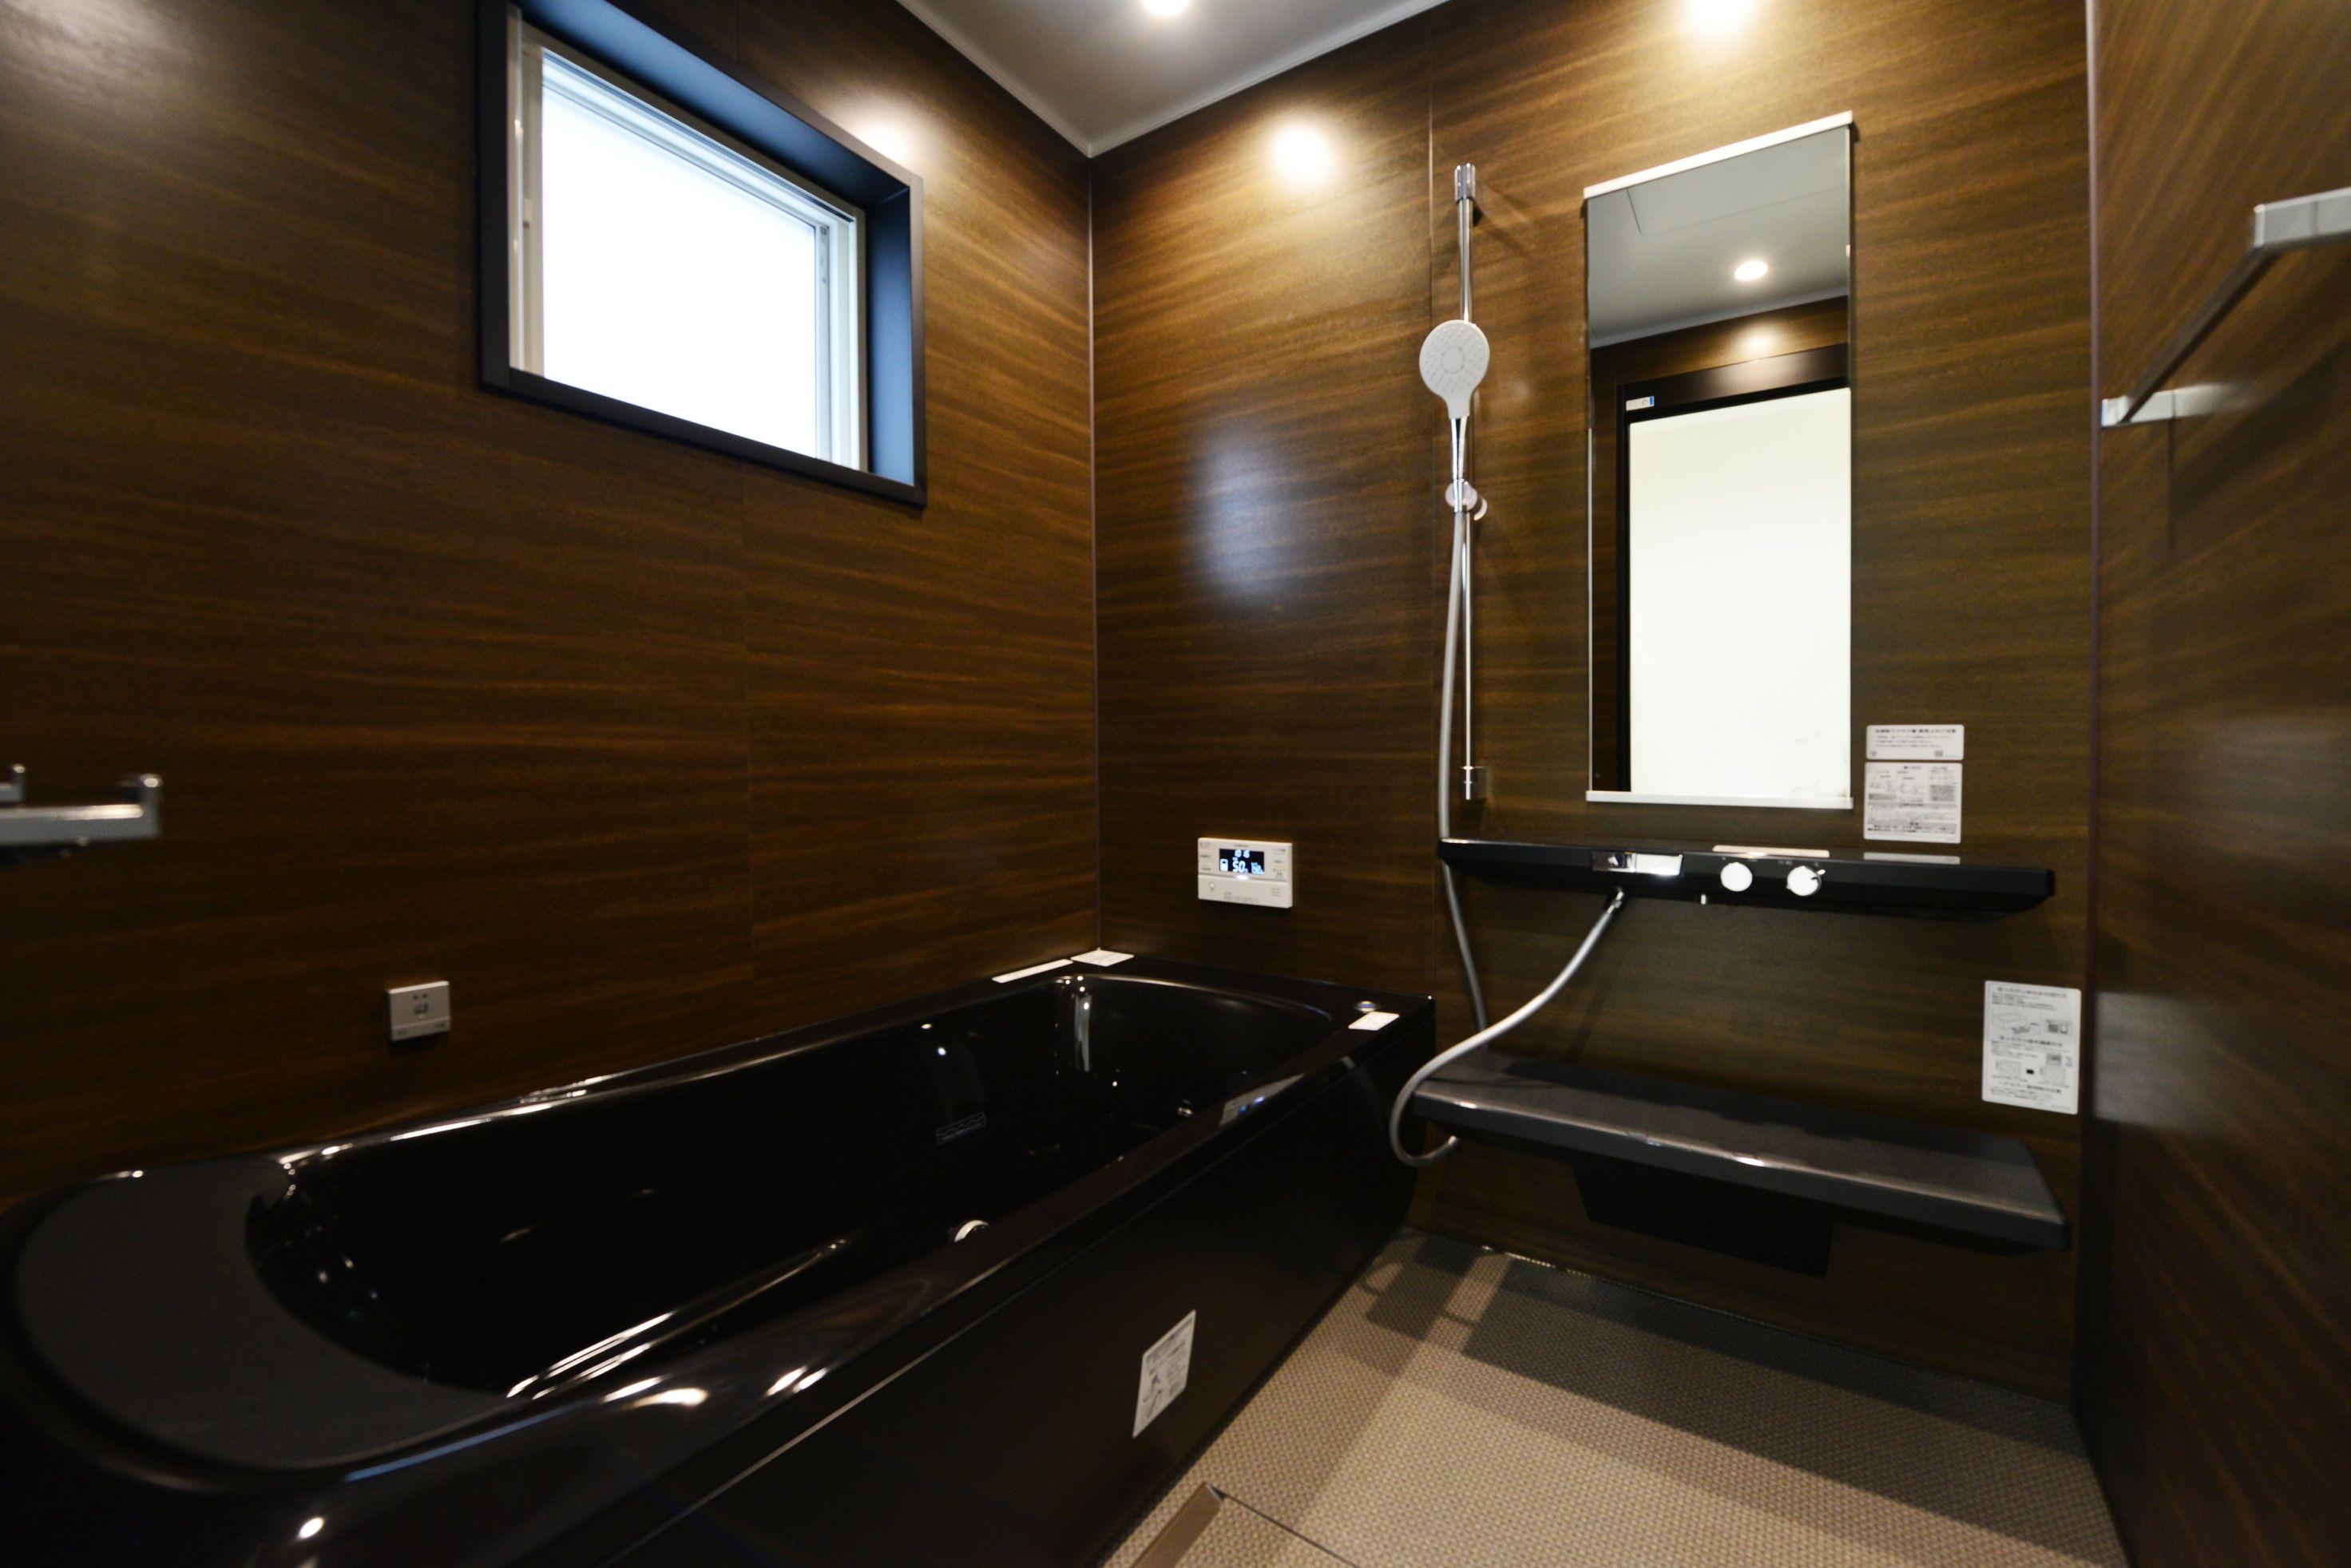 ゆっくりくつろげるお風呂 家 づくり 家 風呂